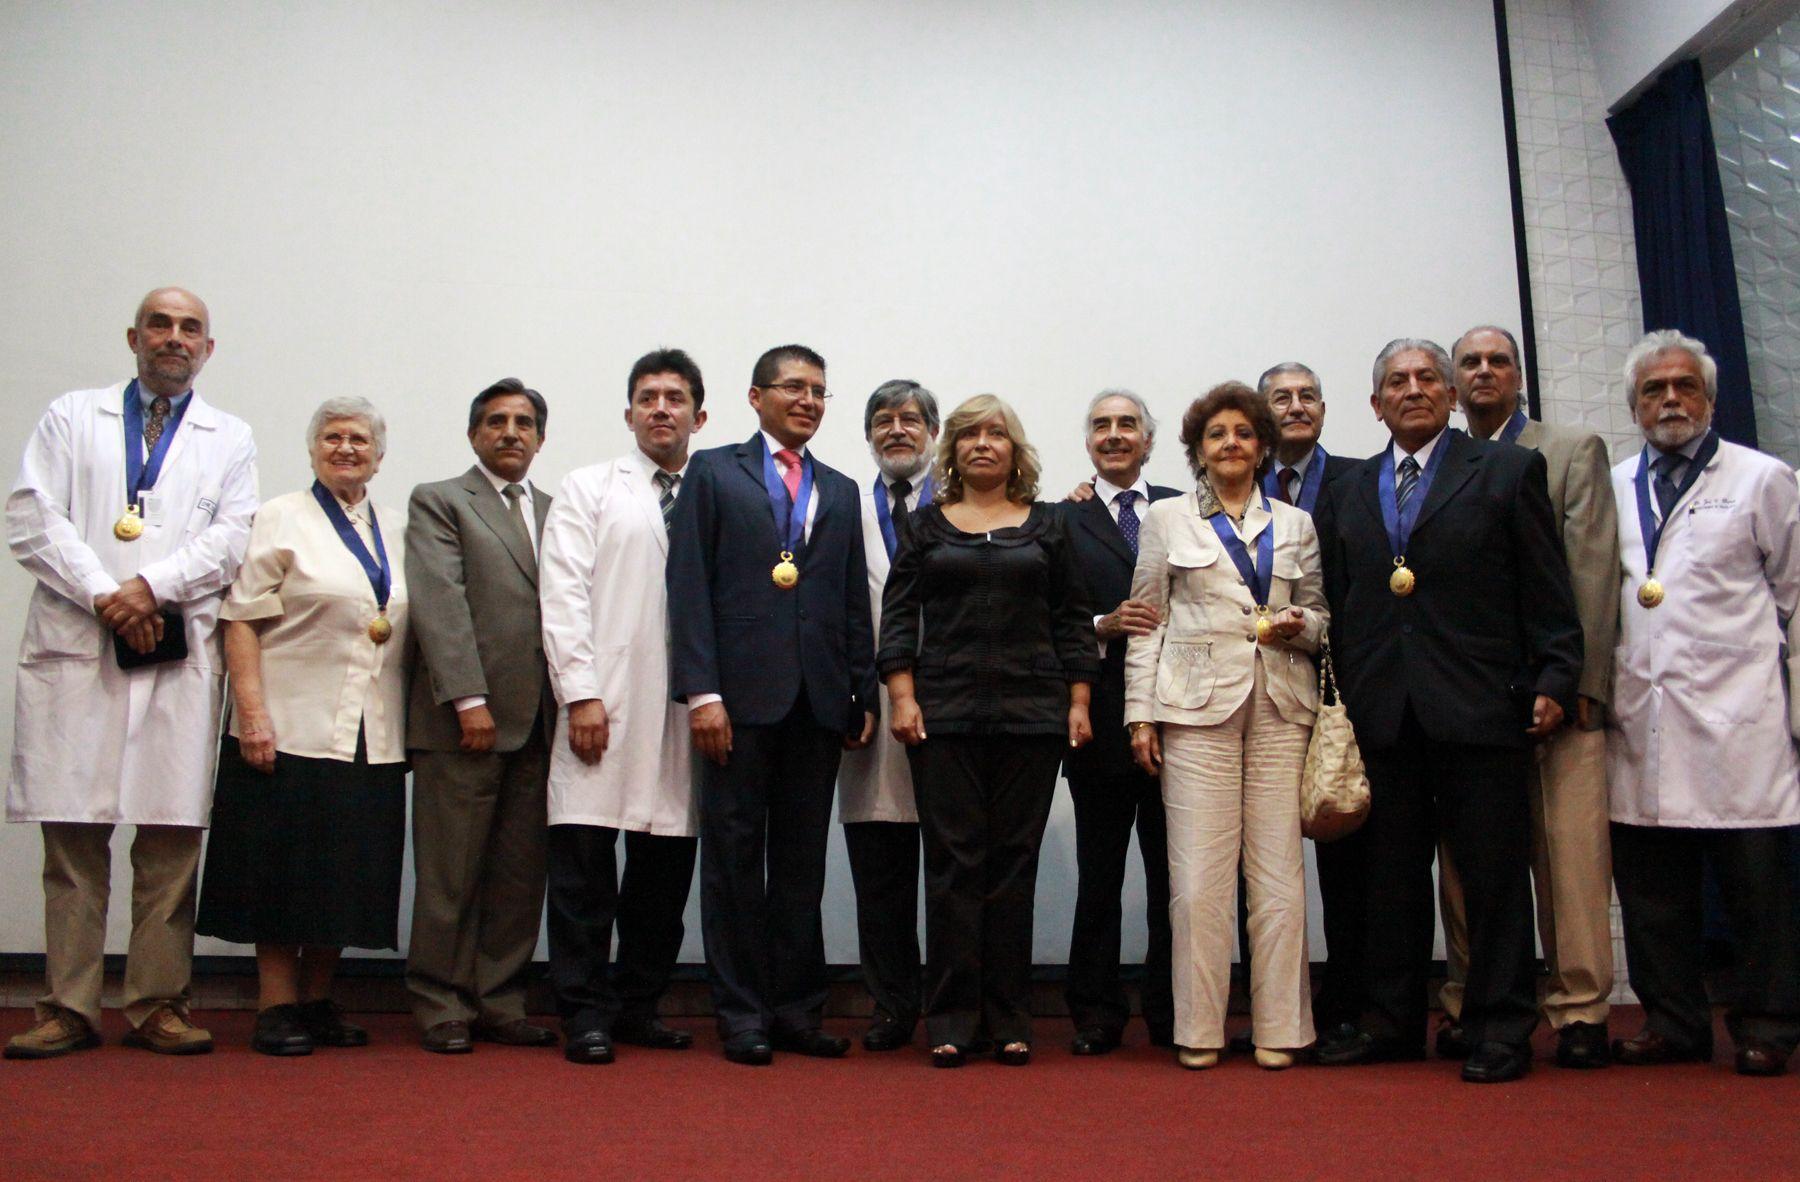 El Hospital Almenara condecora a Profesionales de la Salud que han contribuido al desarrollo de la Medicina Peruana presidida por el titular de ESSALUD Félix Ortega. Foto: ANDINA/Jessica Vicente